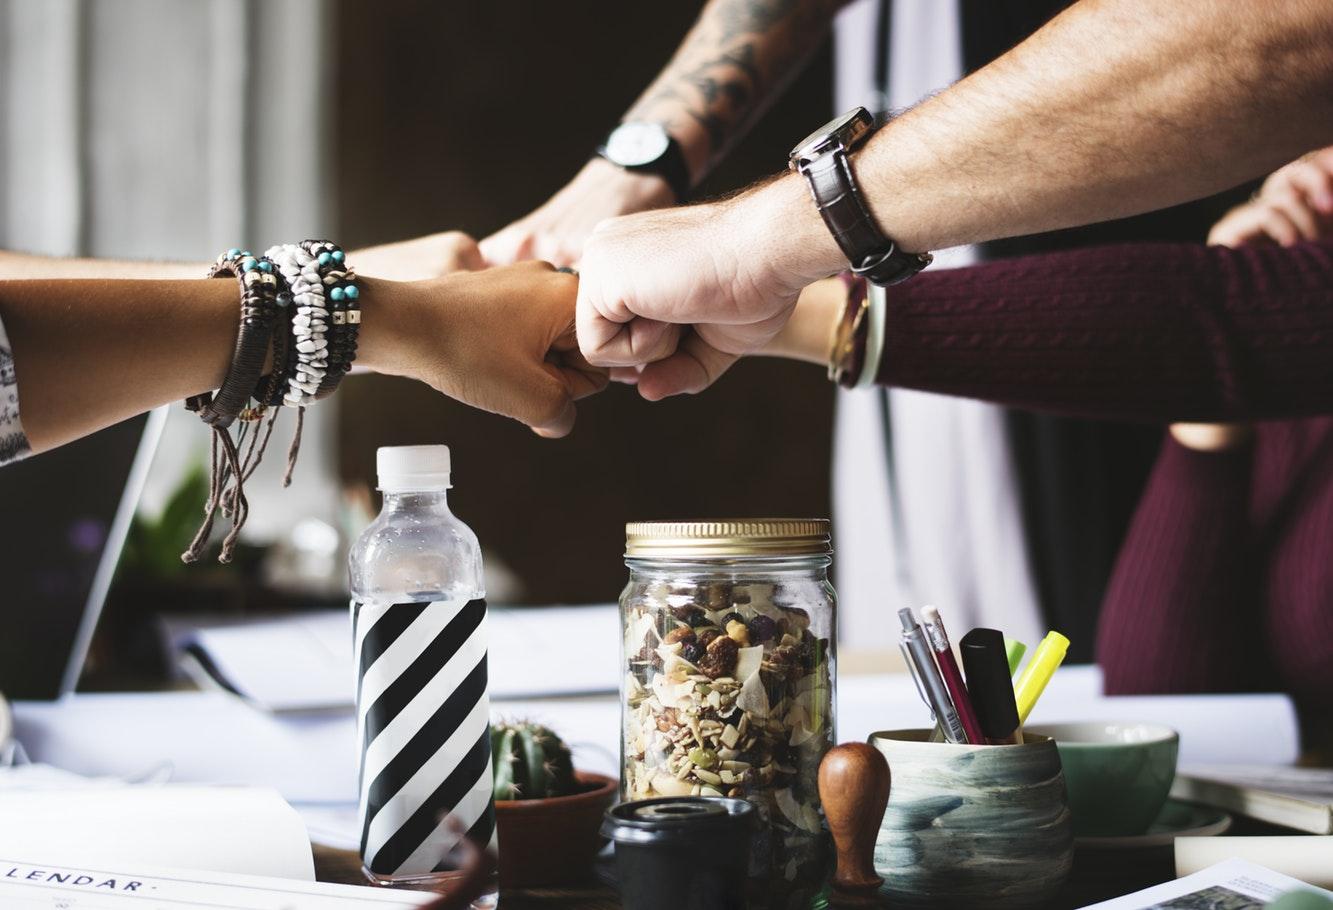 Como engajar sua equipe para tornar a empresa sustentável